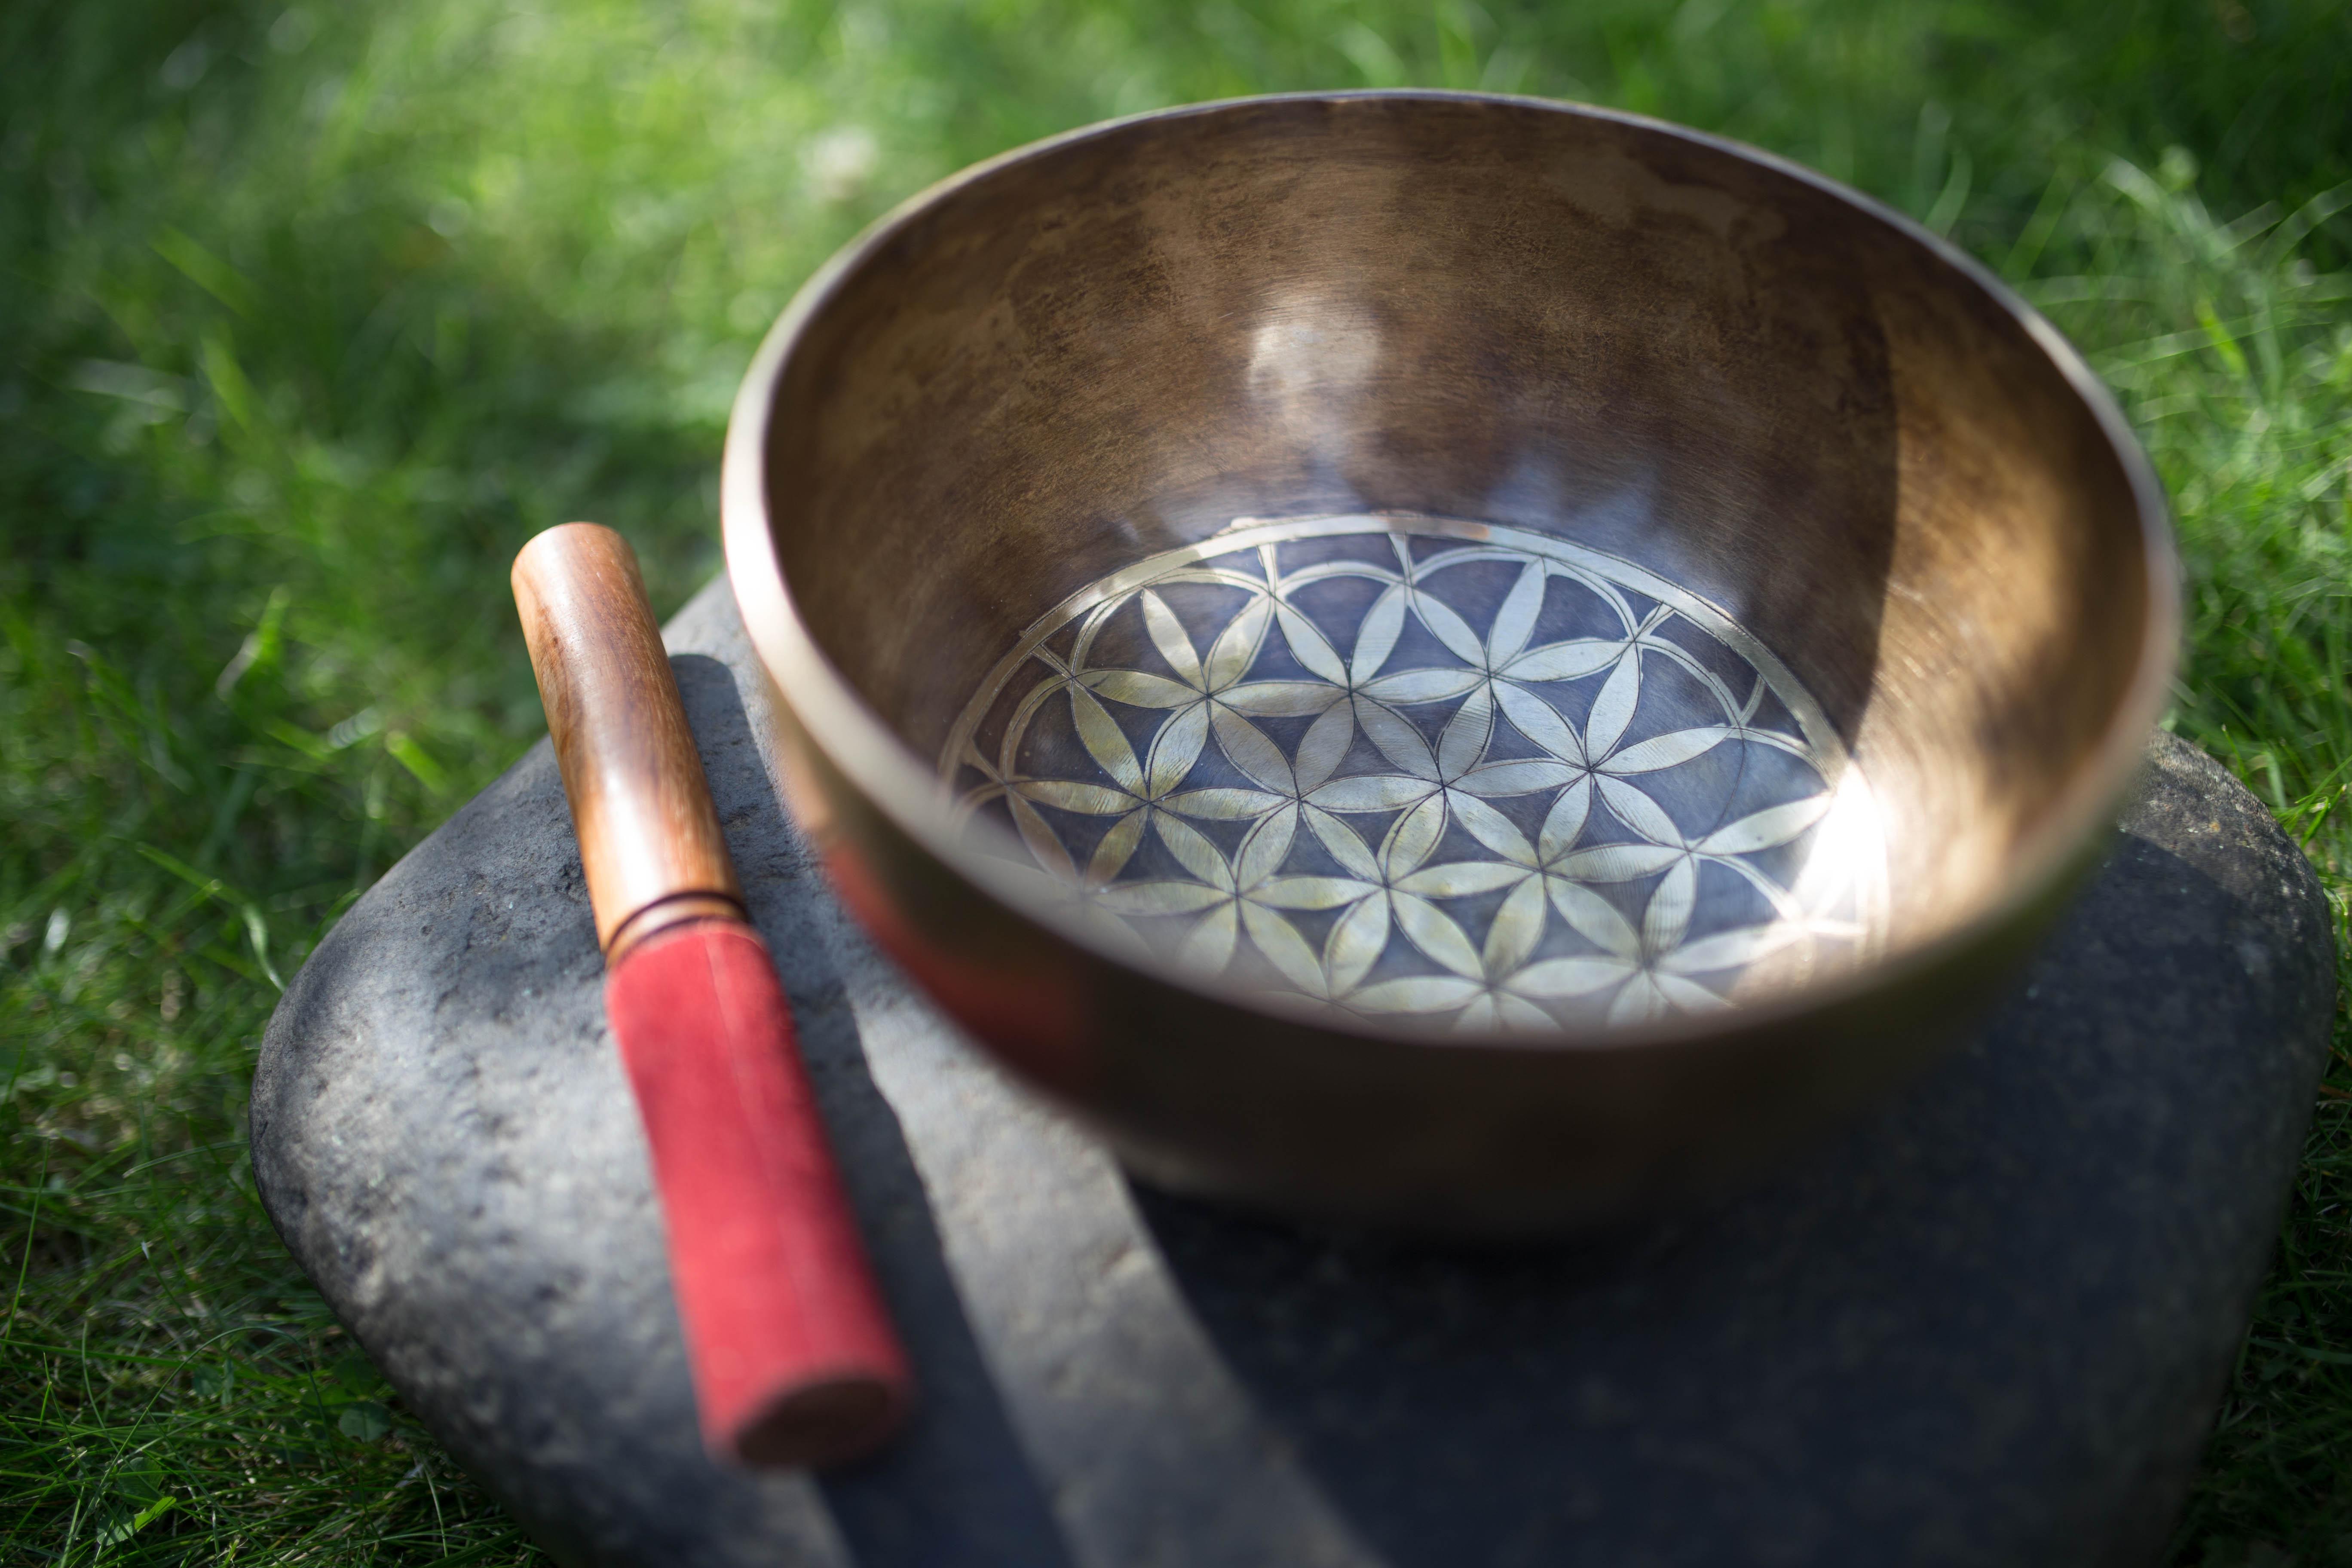 Klangschale der Traditionellen Chinesischen Medizin